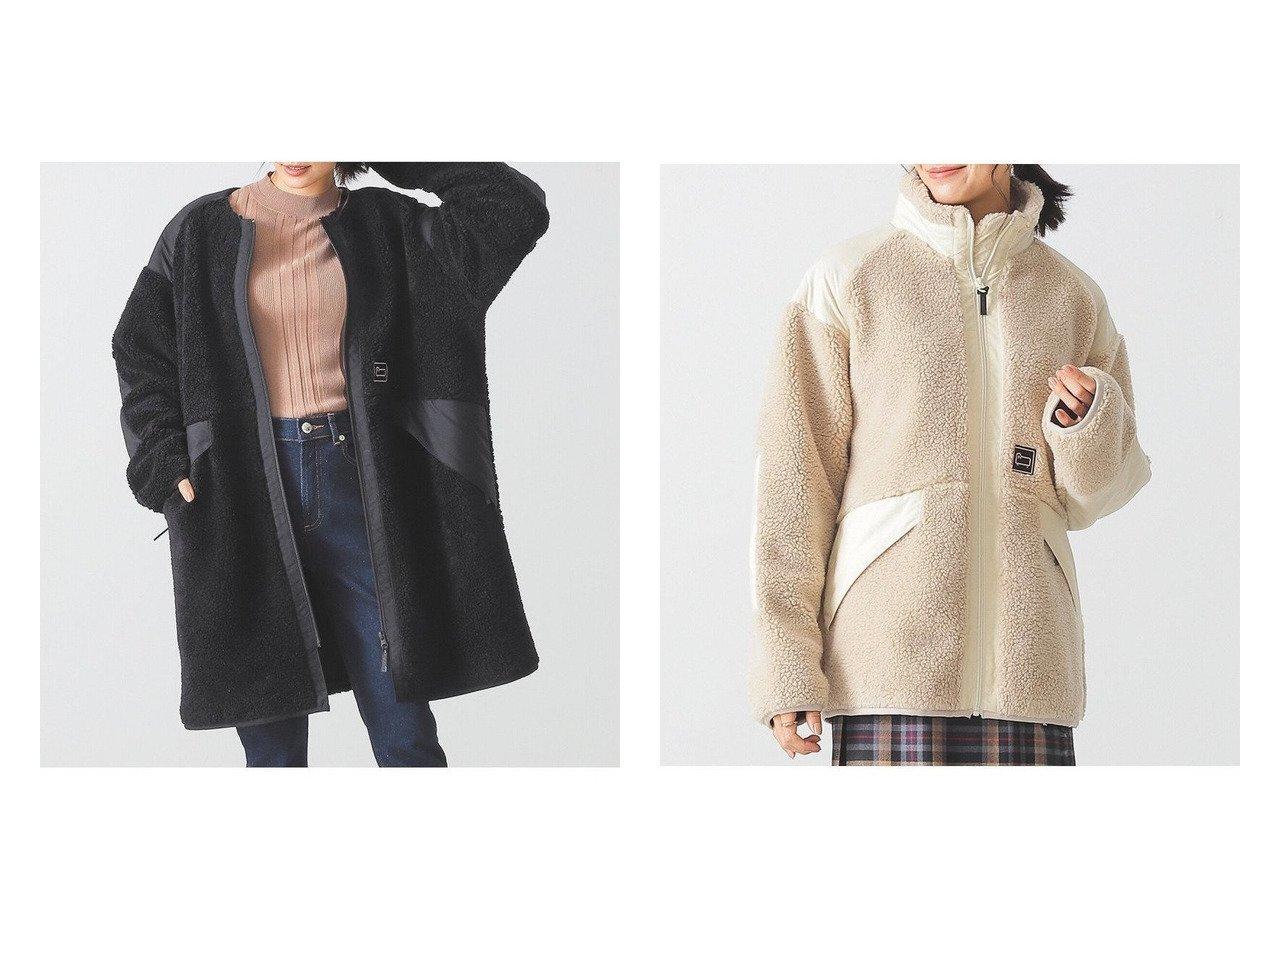 【BEAMS LIGHTS/ビームス ライツ】の別注 ボア ジャケット&別注 ロング ボア ジャケット 別注・限定・コラボなど、おすすめ!人気、トレンド・レディースファッションの通販 おすすめで人気の流行・トレンド、ファッションの通販商品 インテリア・家具・メンズファッション・キッズファッション・レディースファッション・服の通販 founy(ファニー) https://founy.com/ ファッション Fashion レディースファッション WOMEN アウター Coat Outerwear コート Coats ジャケット Jackets ブルゾン Blouson/Jackets アウトドア 秋 Autumn/Fall ジャケット スペシャル ブルゾン 別注 羽織 マキシ ロング 冬 Winter お家時間・ステイホーム Home Time/Stay Home |ID:crp329100000060992